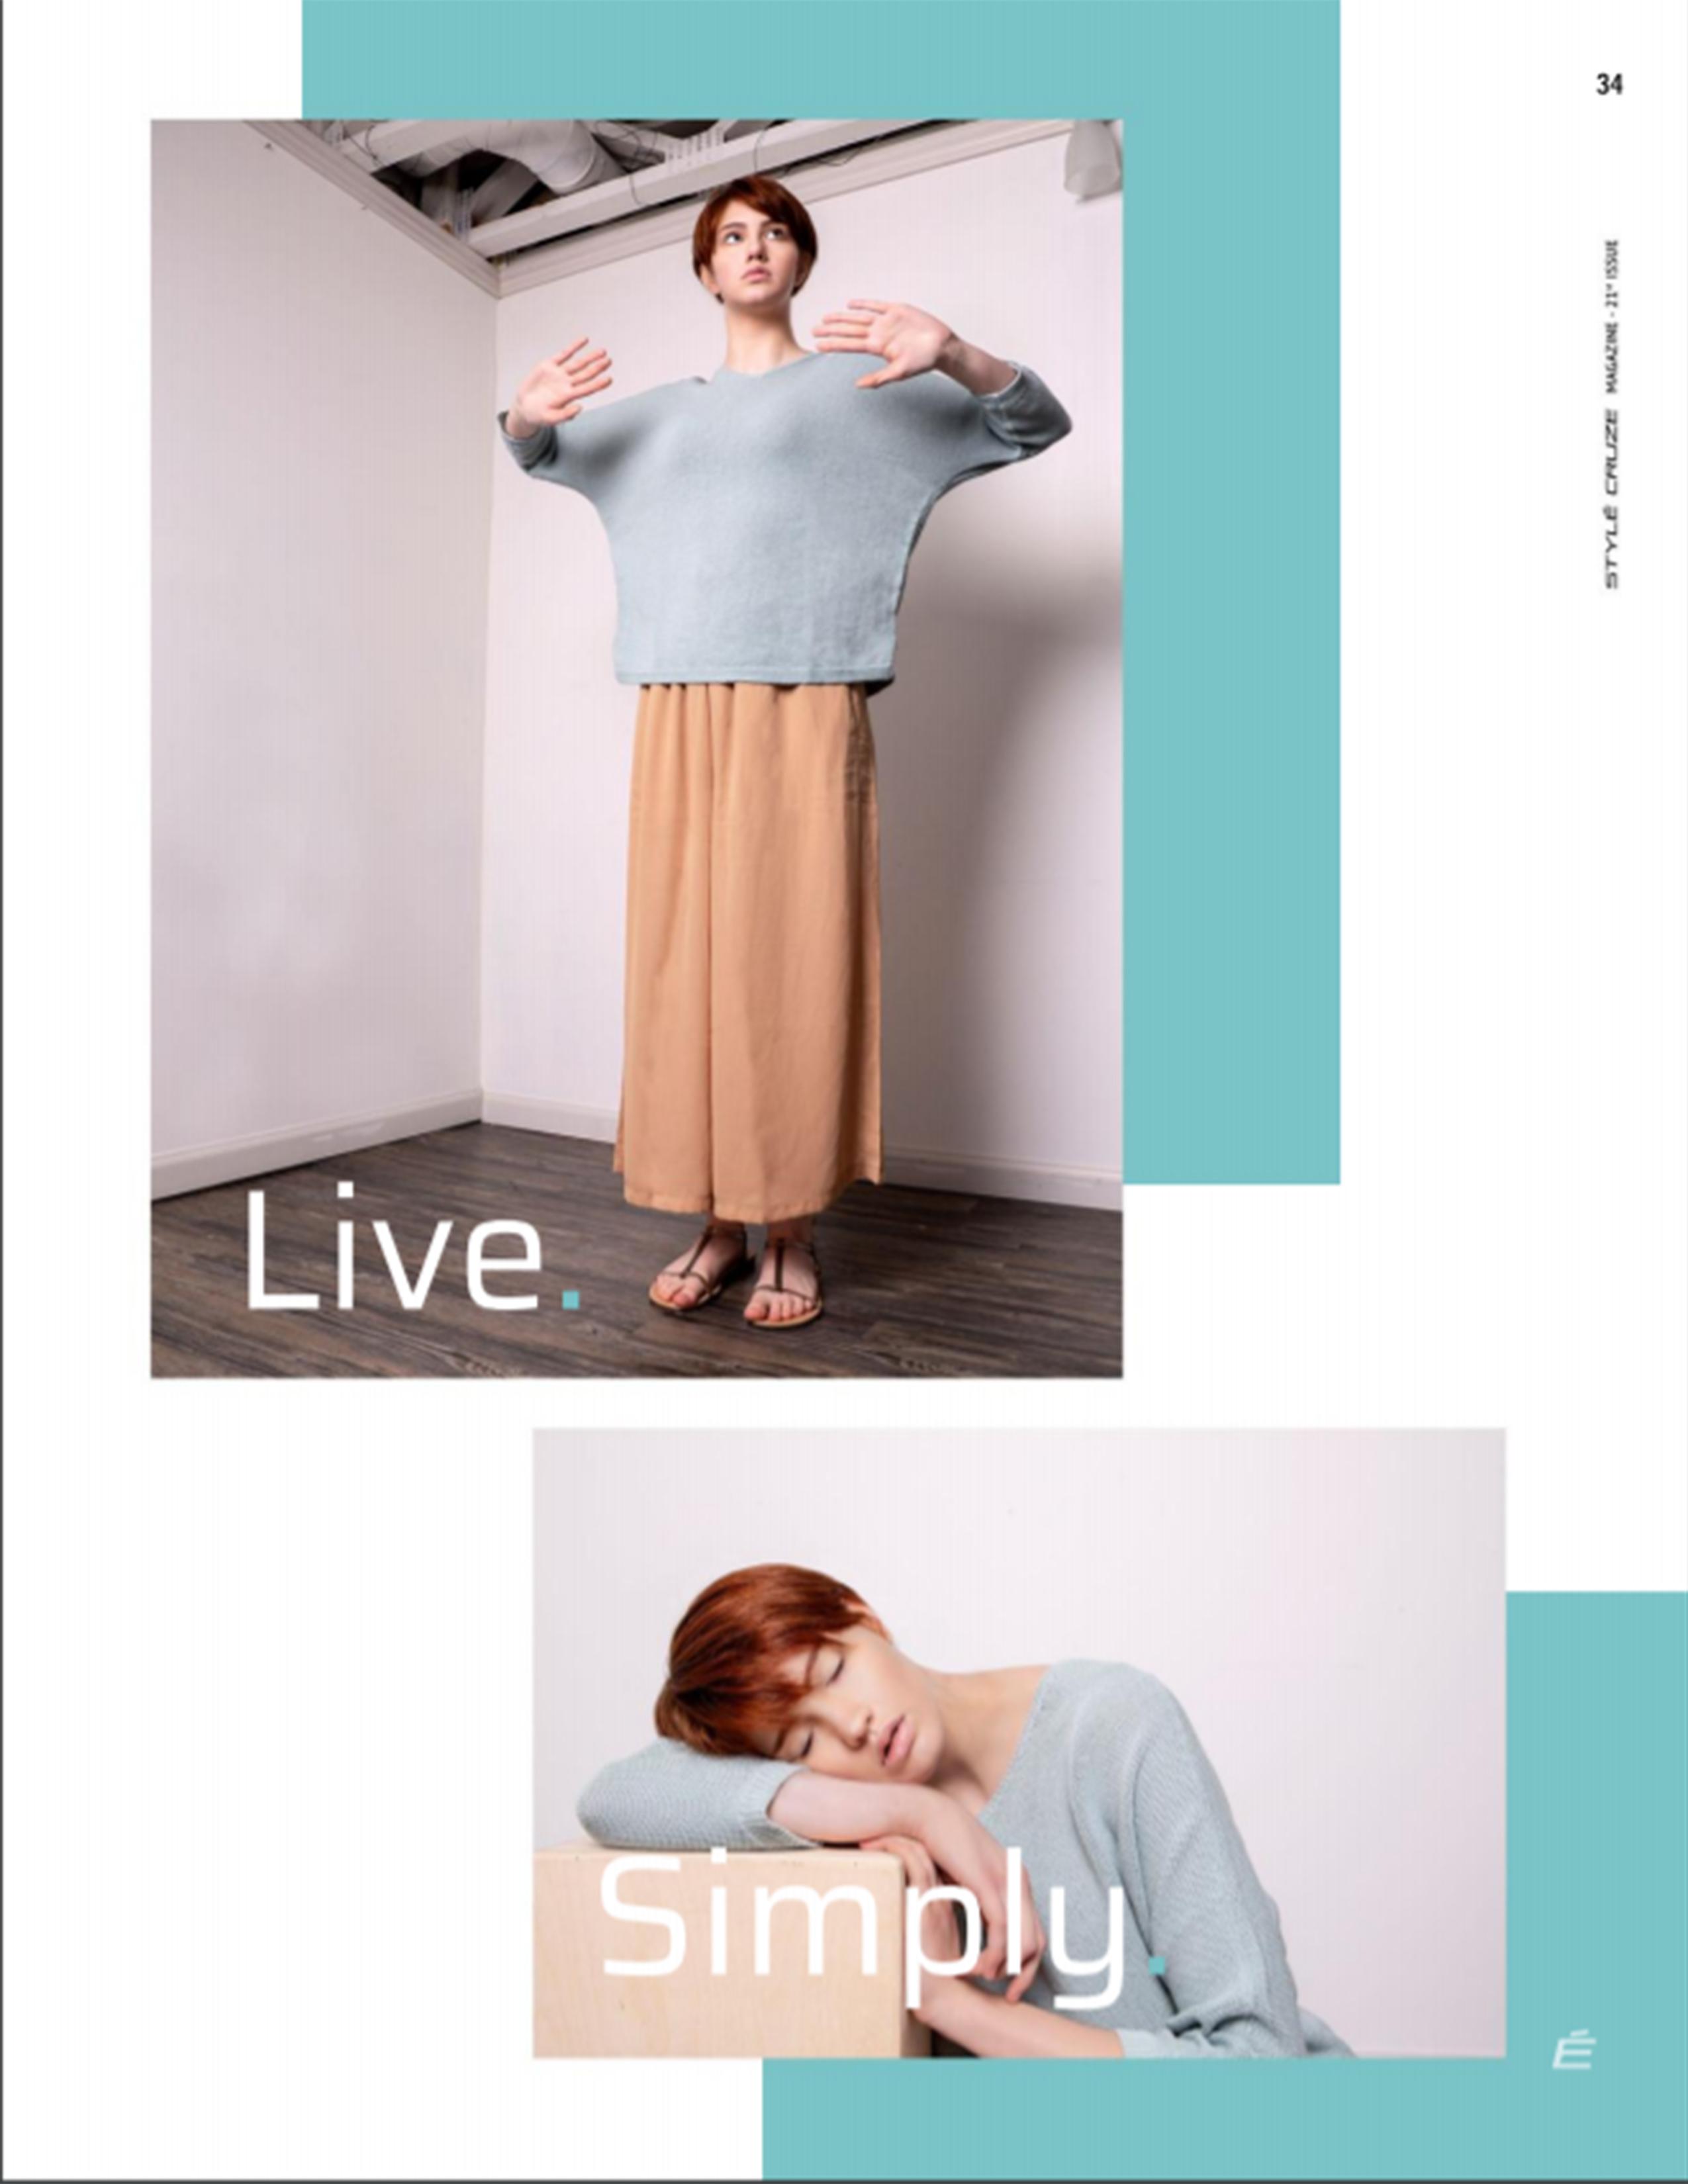 StyleCruzMagazineJune2019-2